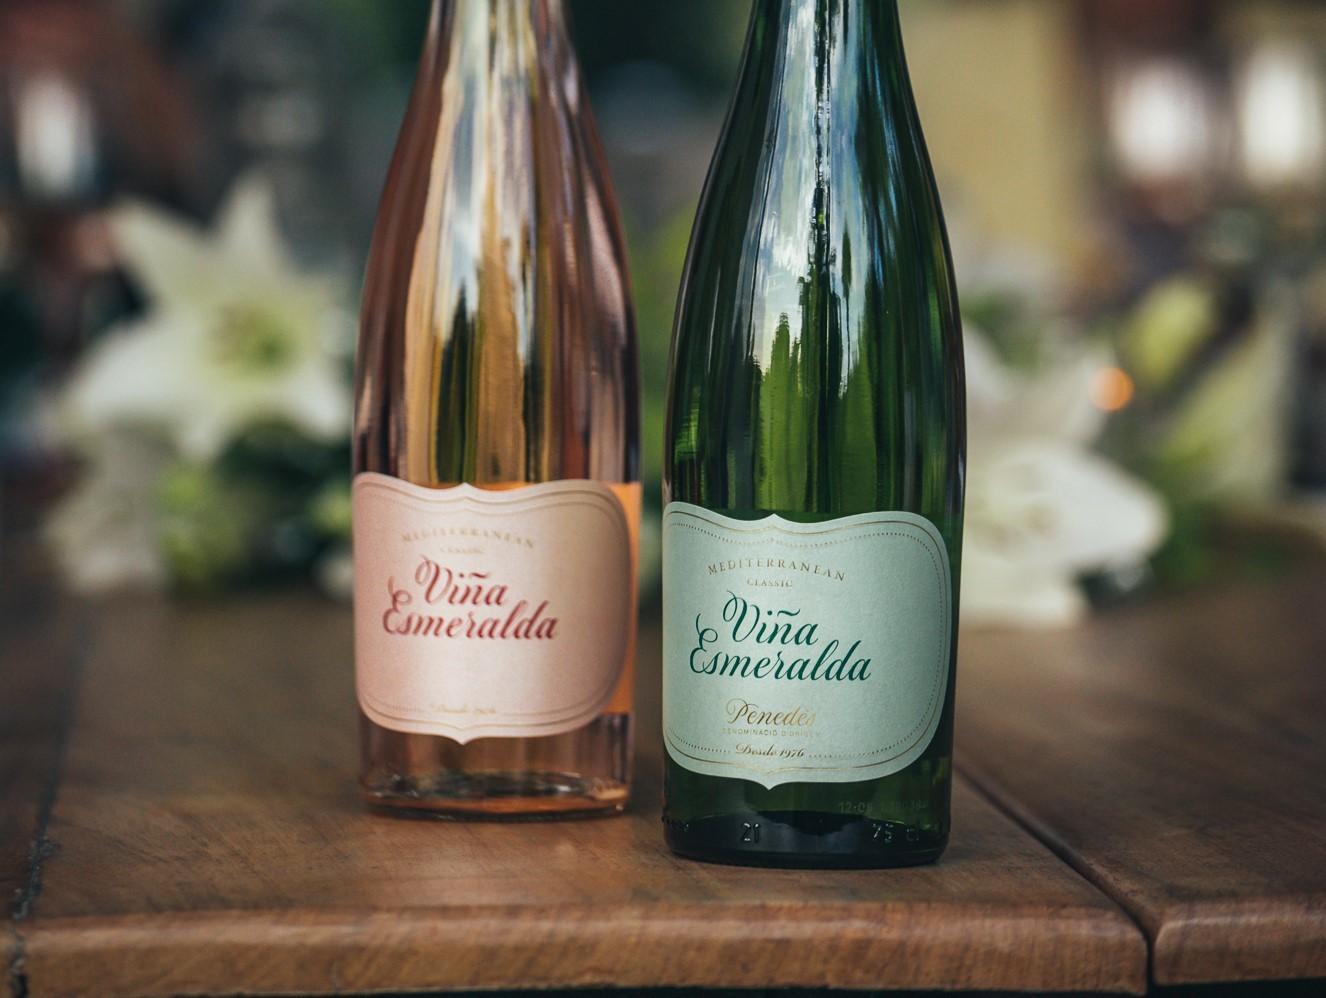 10 terrazas para brindar con vino fresco, ¡y un premio!